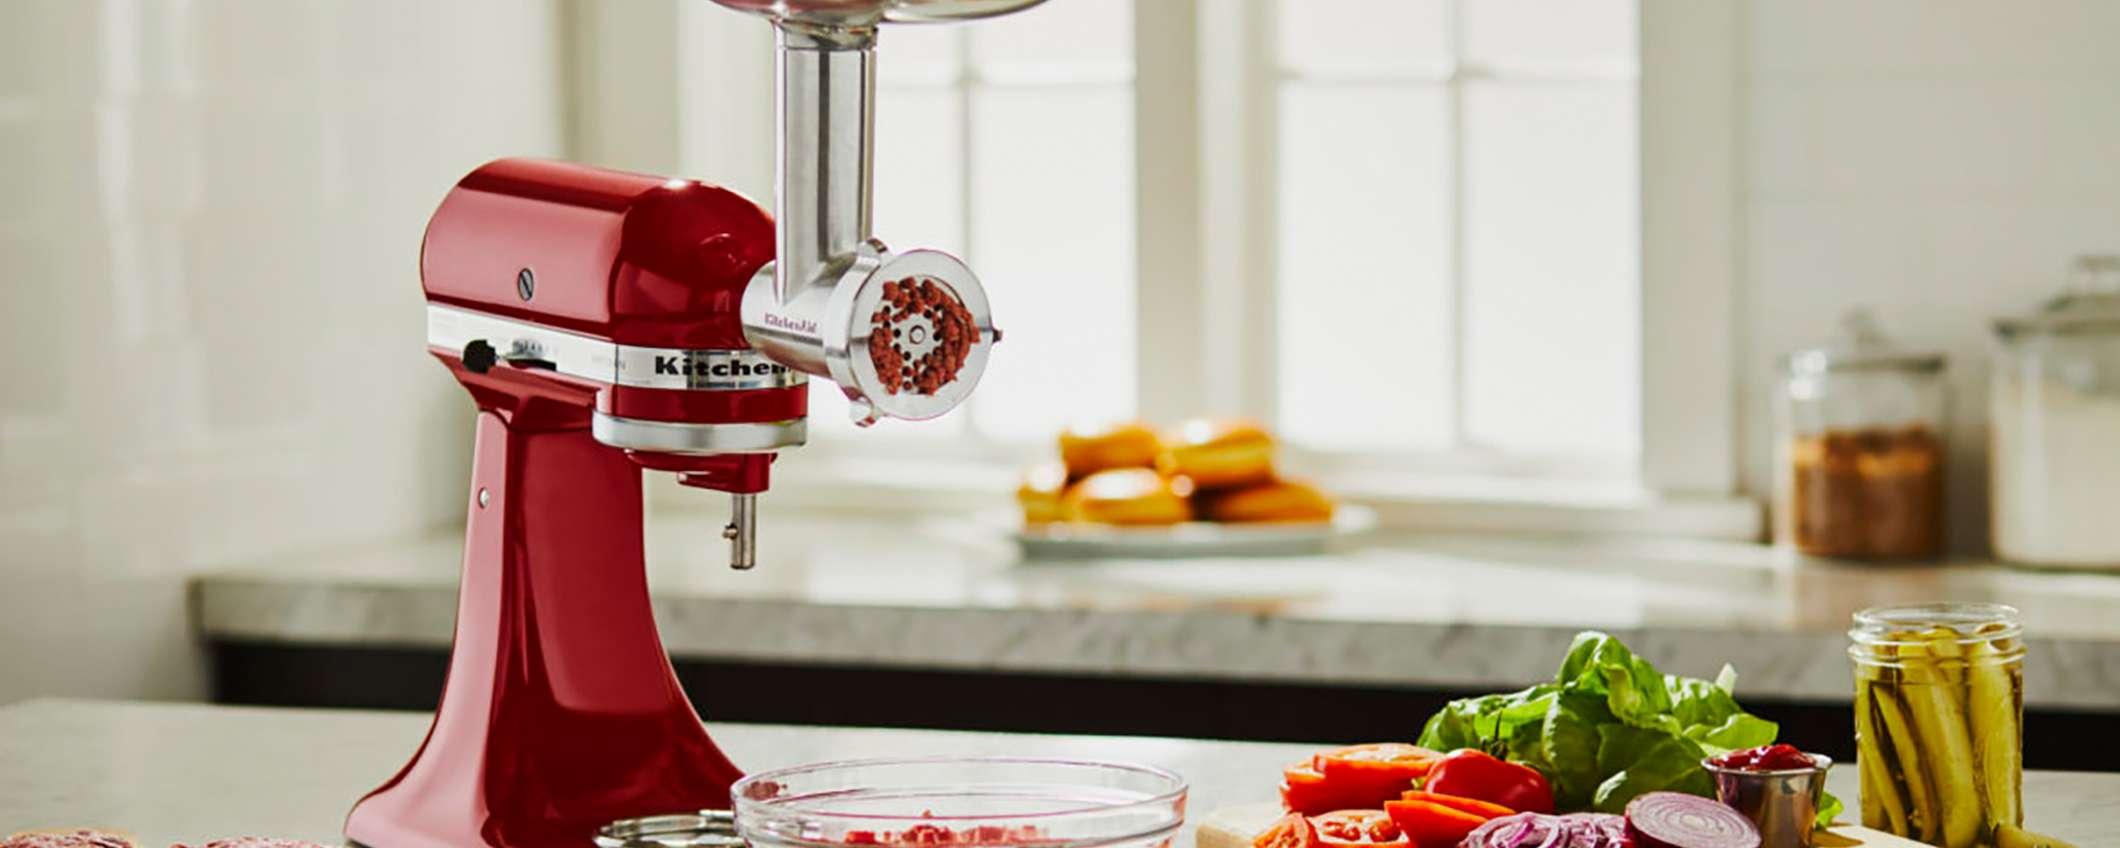 Miglior Robot Da Cucina 2020 Prezzi Offerte Modelli Con Funzione Cottura